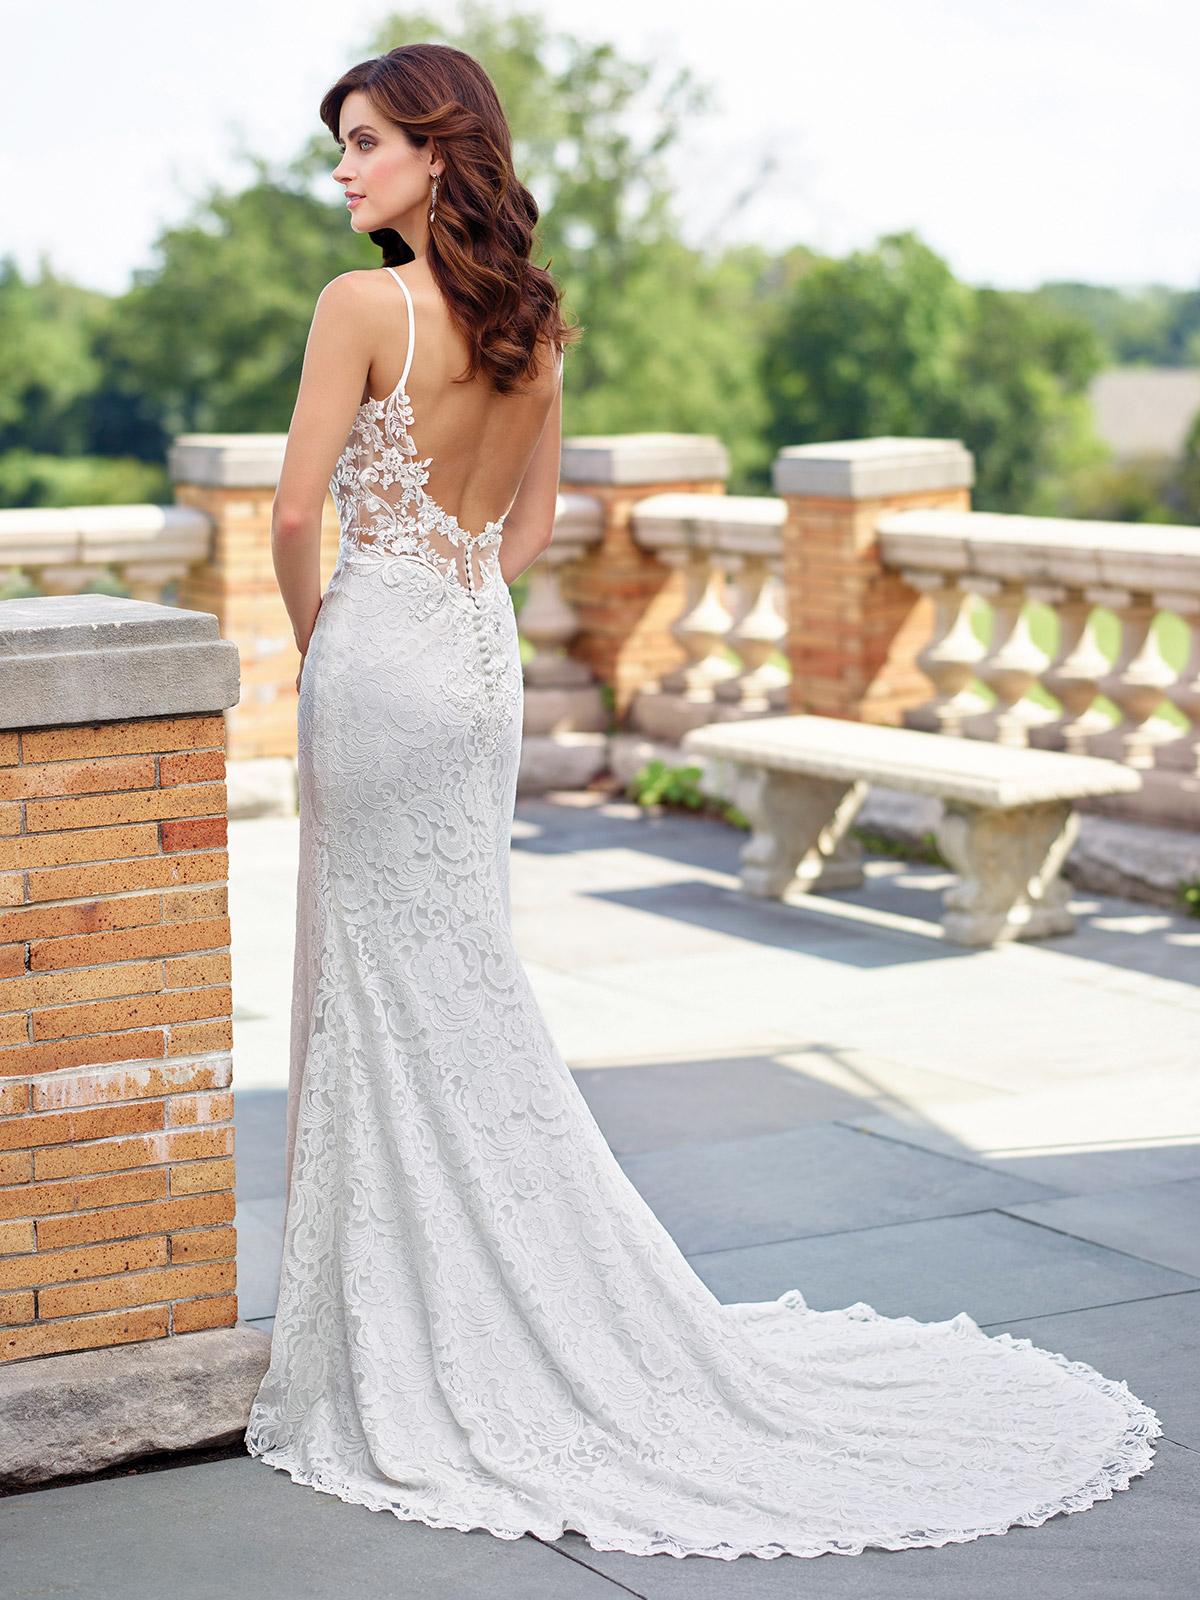 modèle de robe de mariée dentelle dos nu orné de petits boutons avec une traîne majestueuse